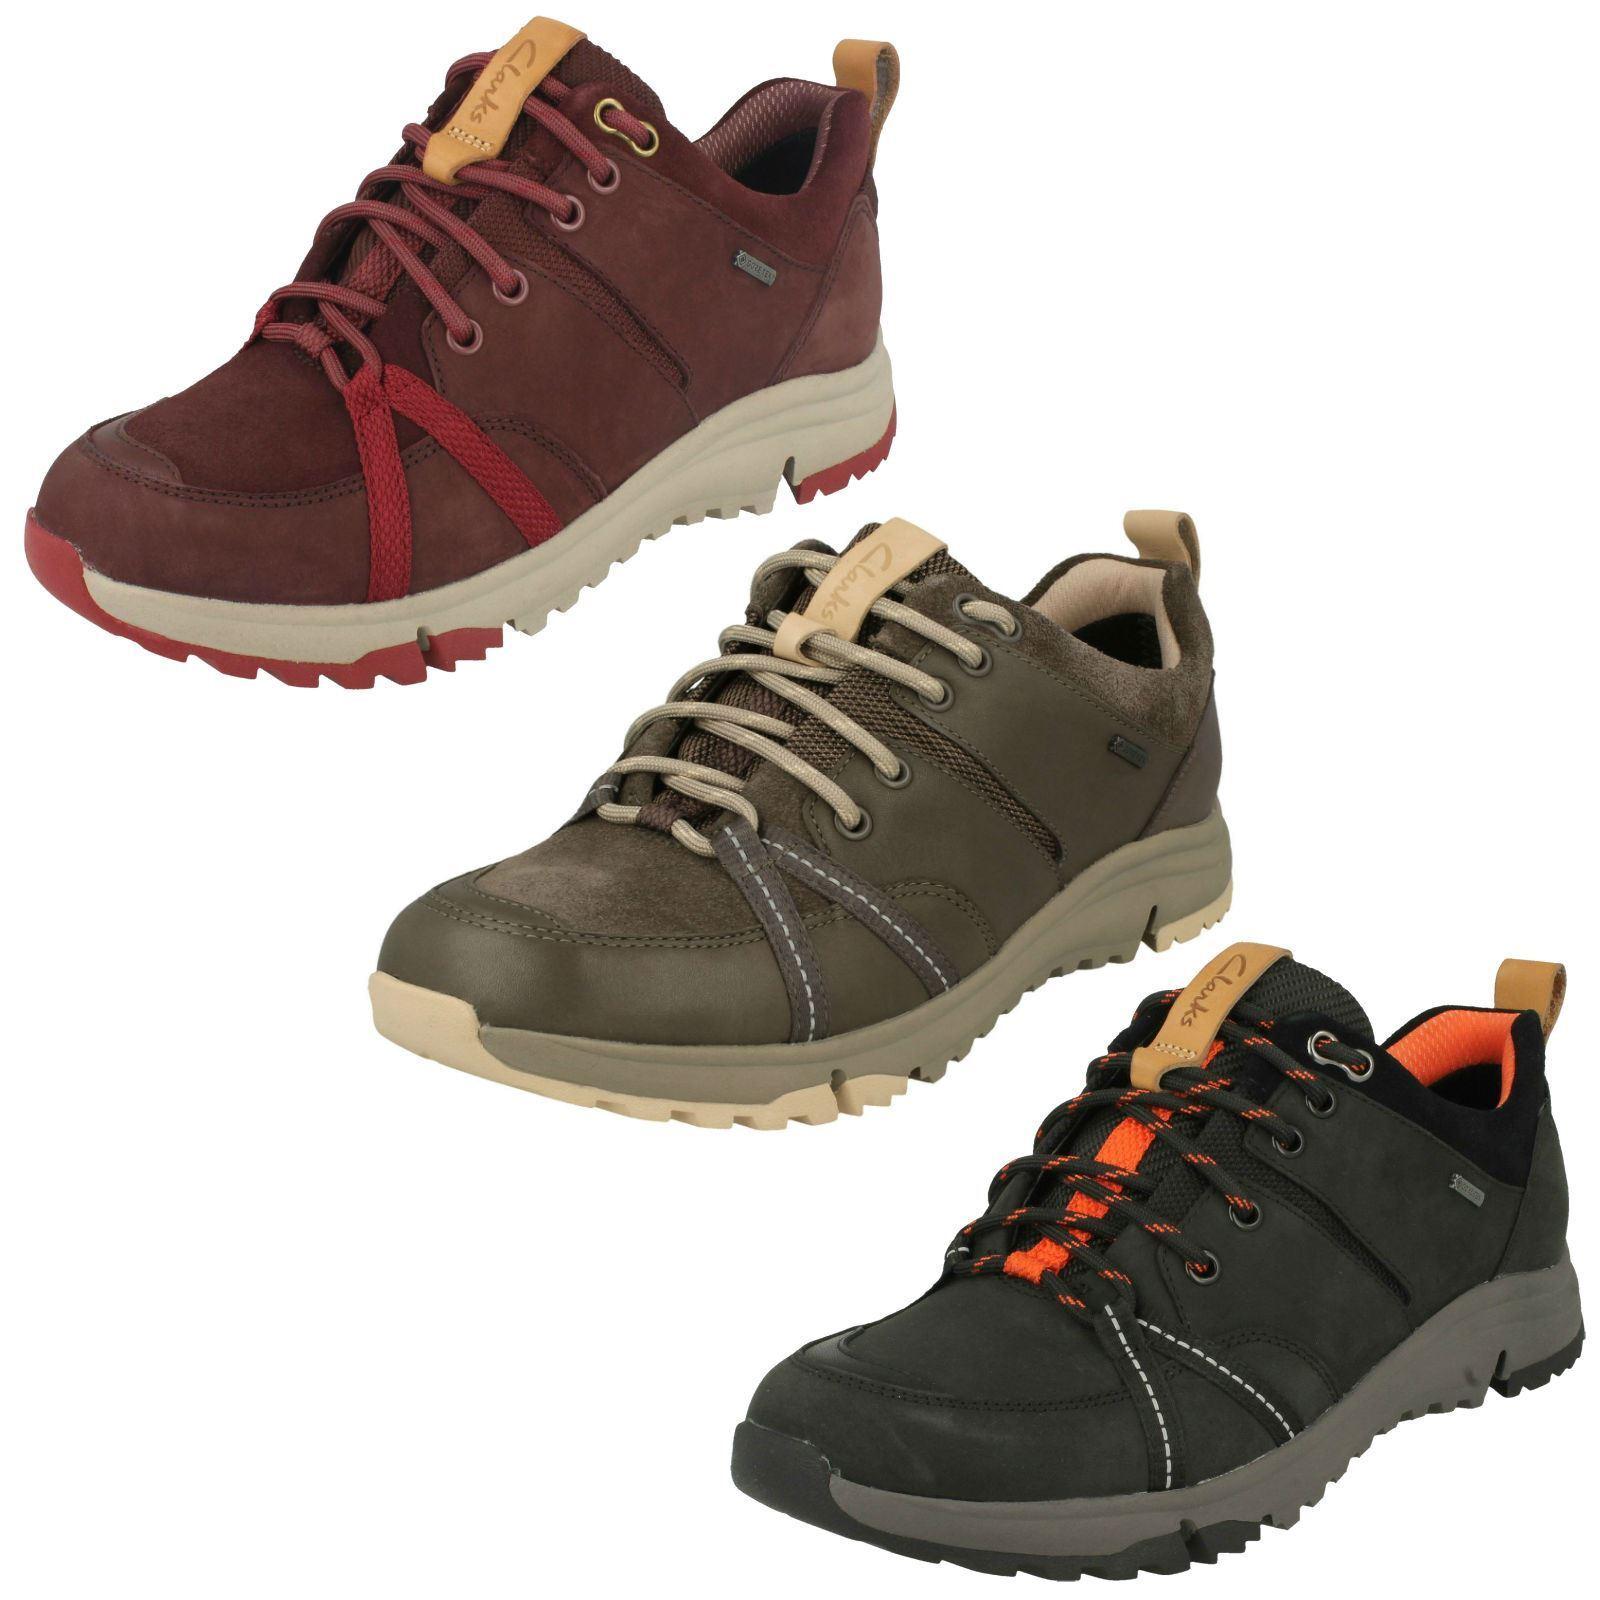 Damas Clarks Zapatos Zapatos Zapatos Estilo entrenador-Tri Trek Gtx  preferente